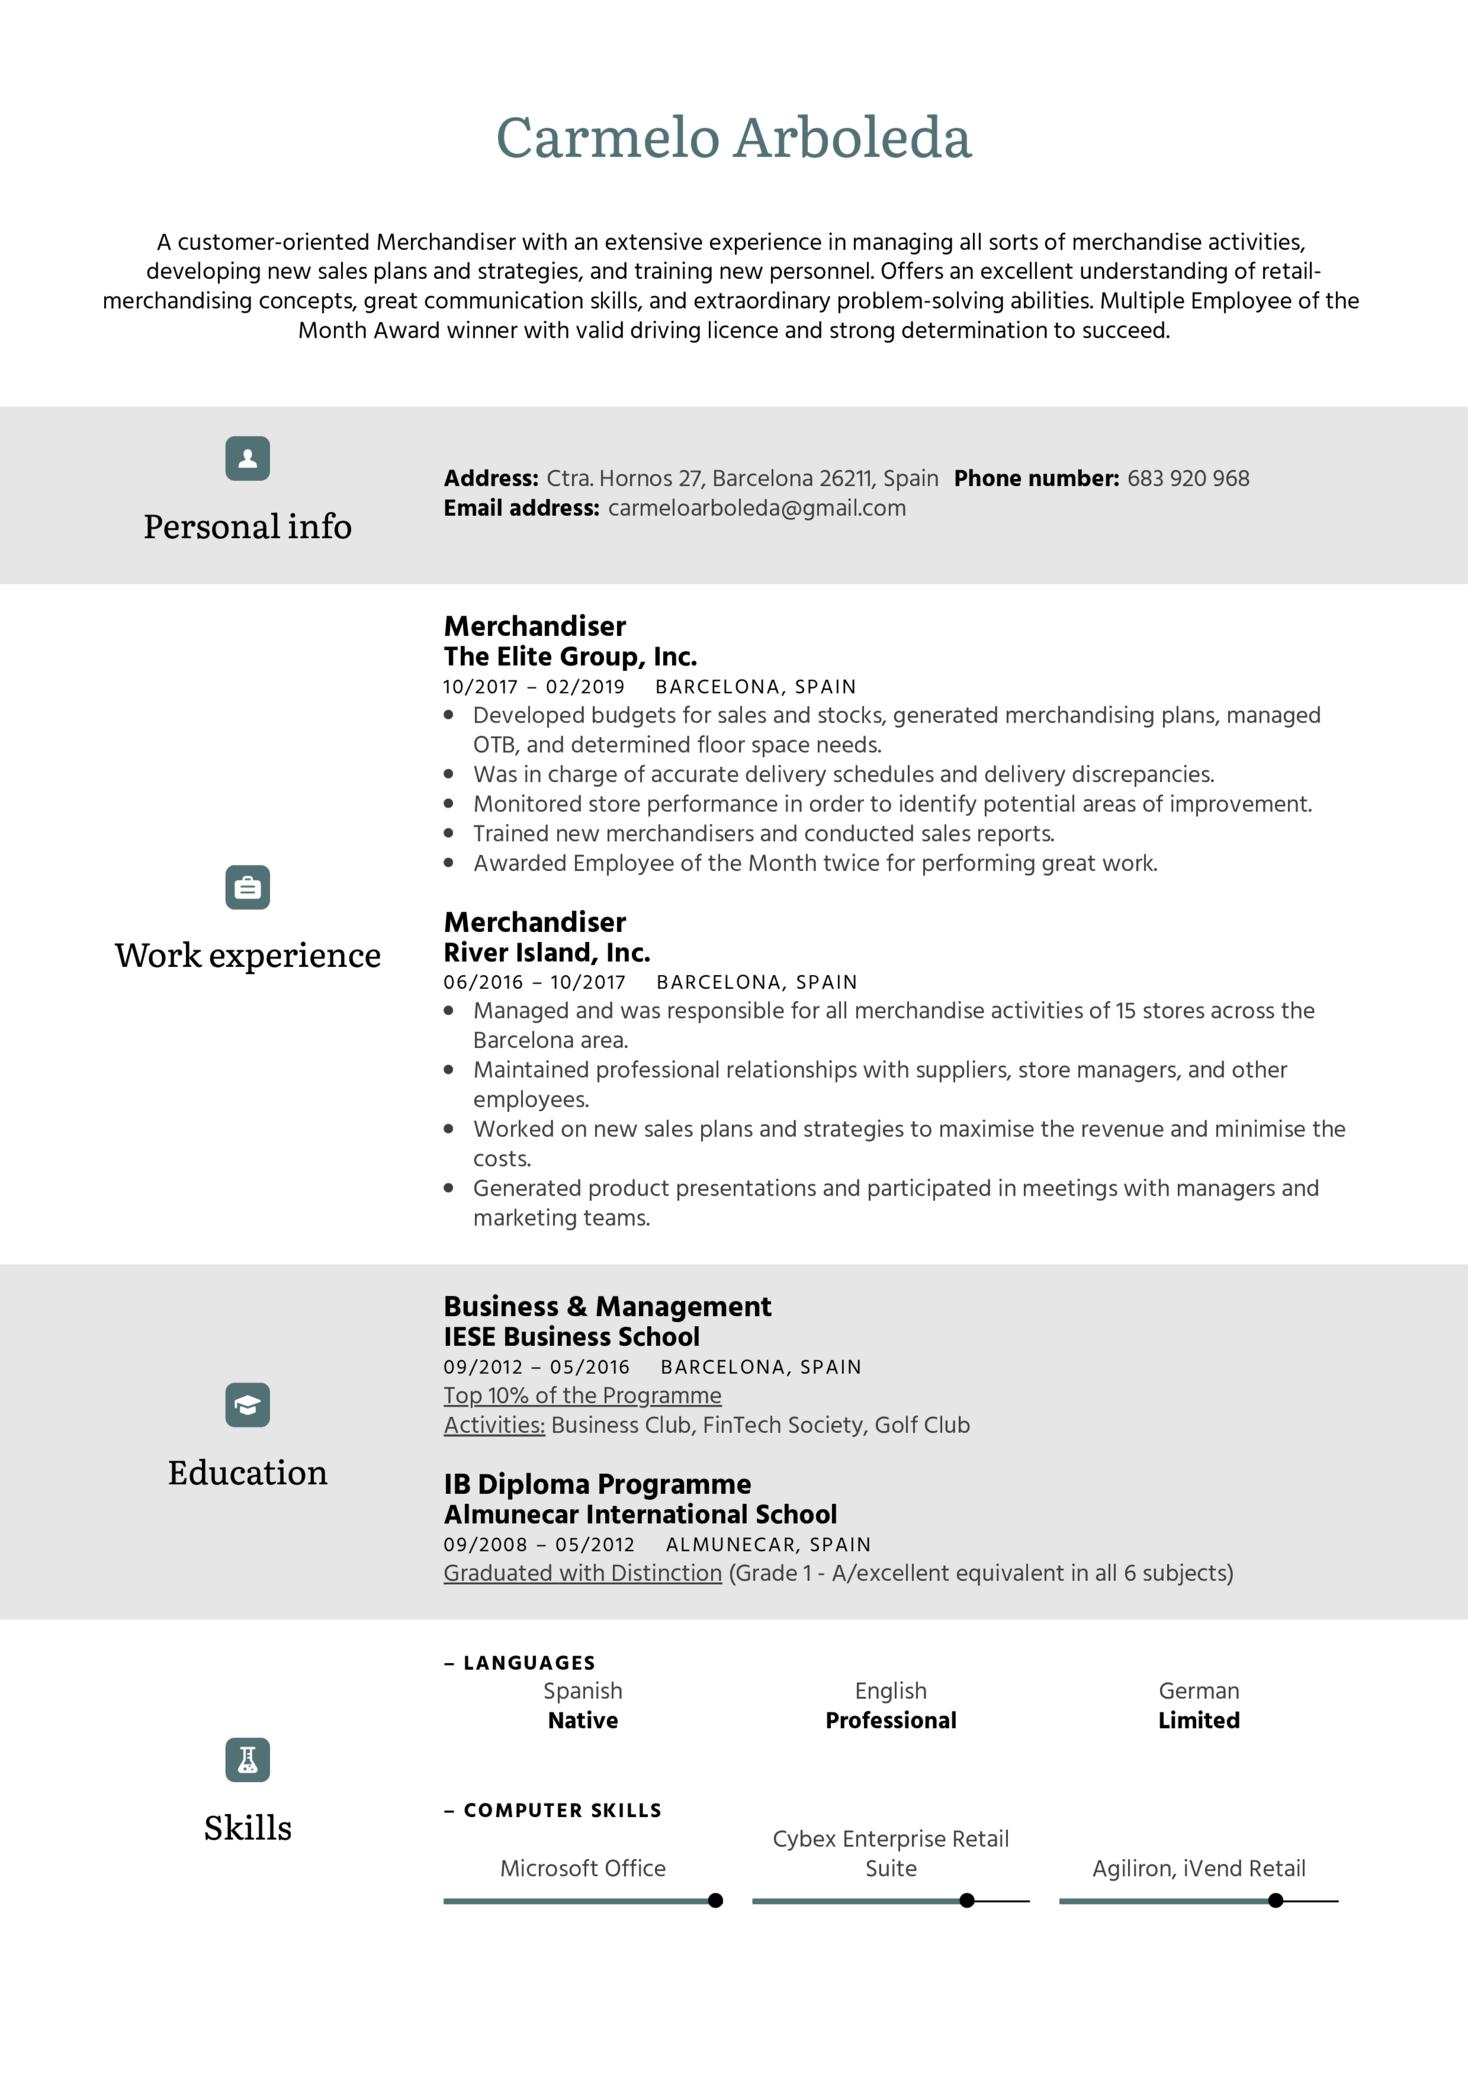 Merchandiser Resume Sample (Part 1)